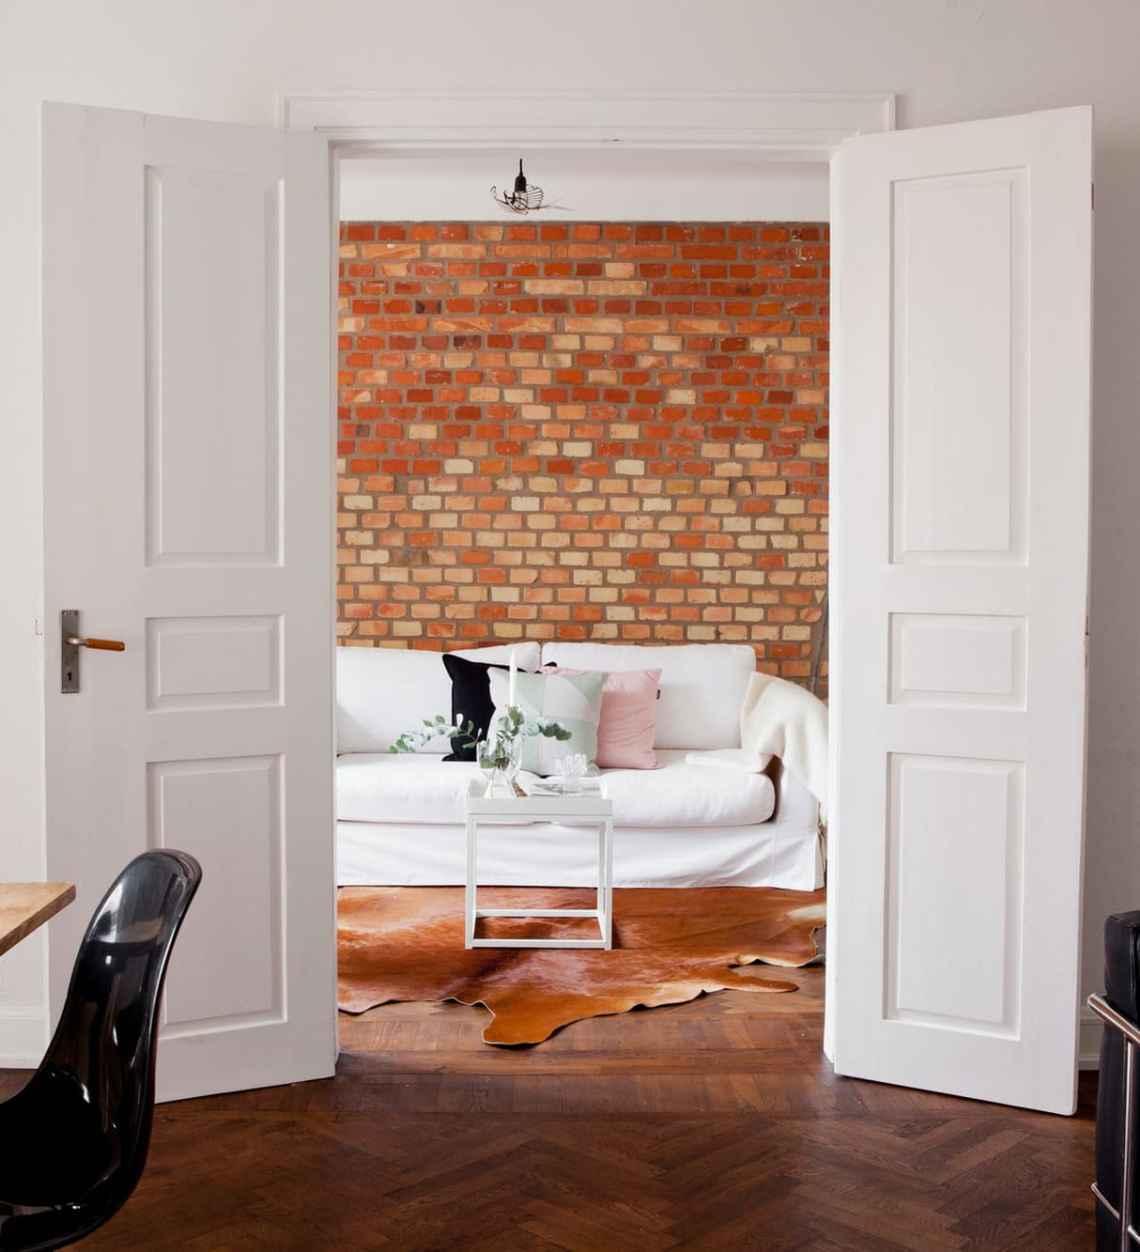 Exposed brick wall in Malmo - via Coco Lapine Design